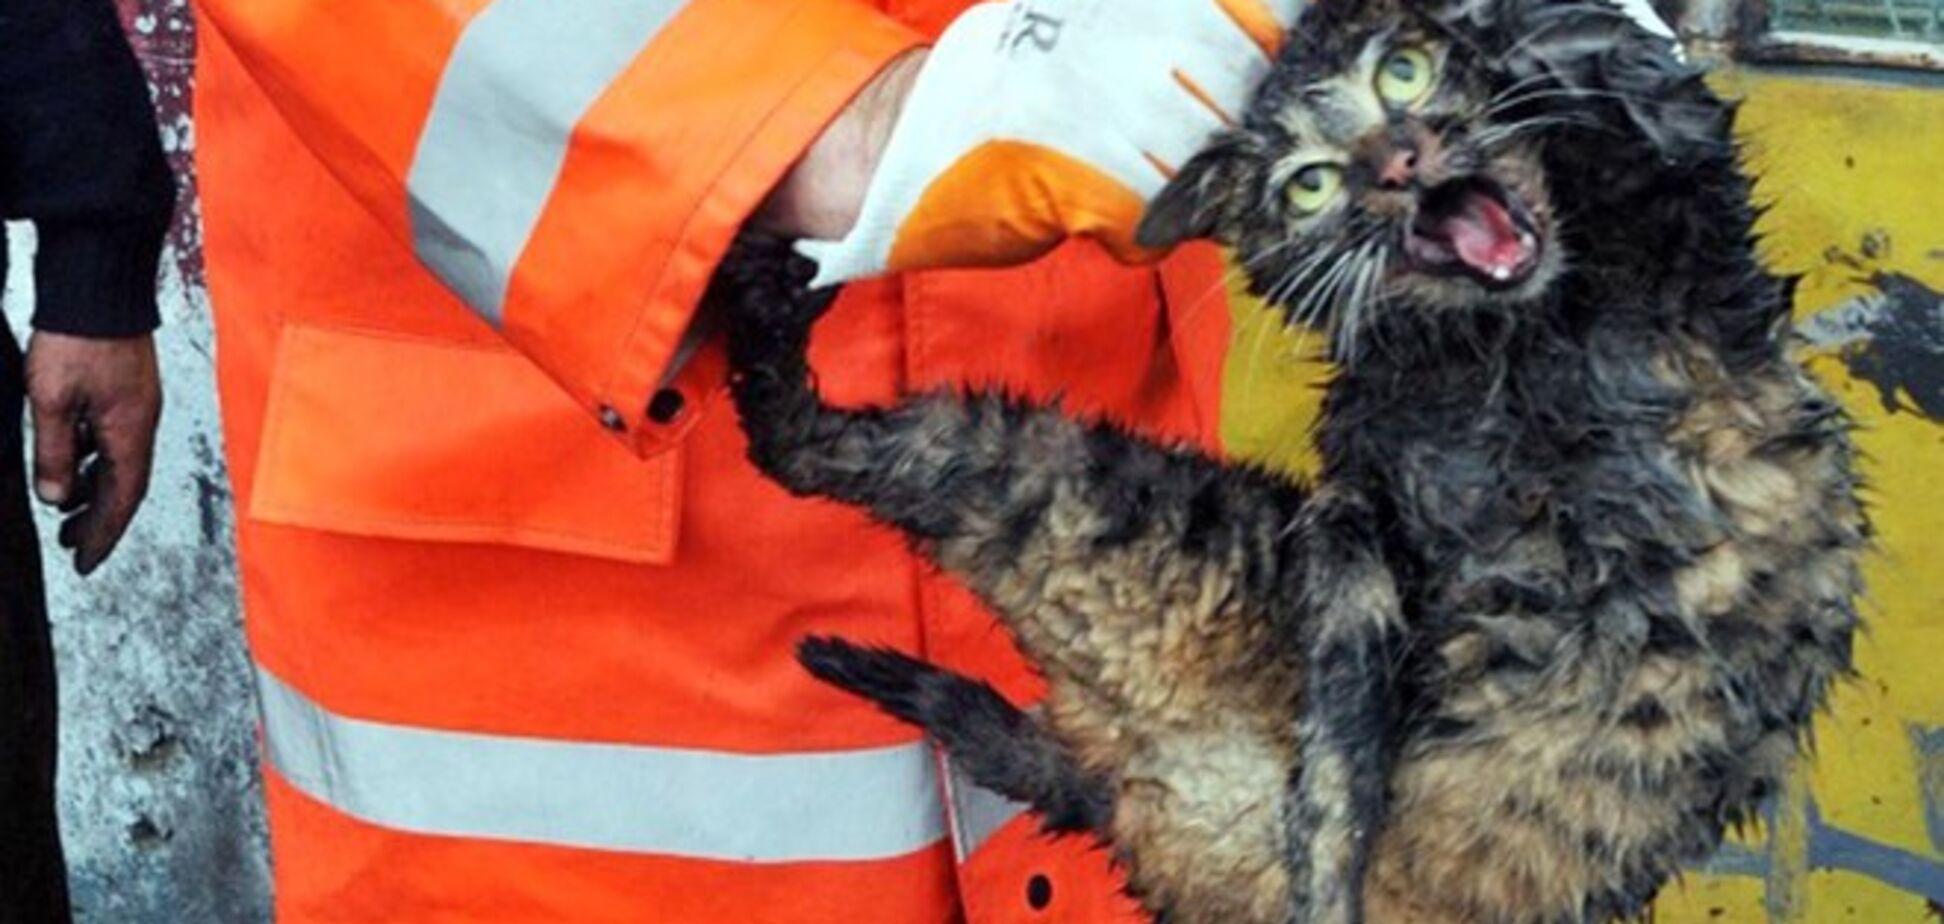 Спасенный из автомобильного двигателя кот-бродяга прославился на весь мир